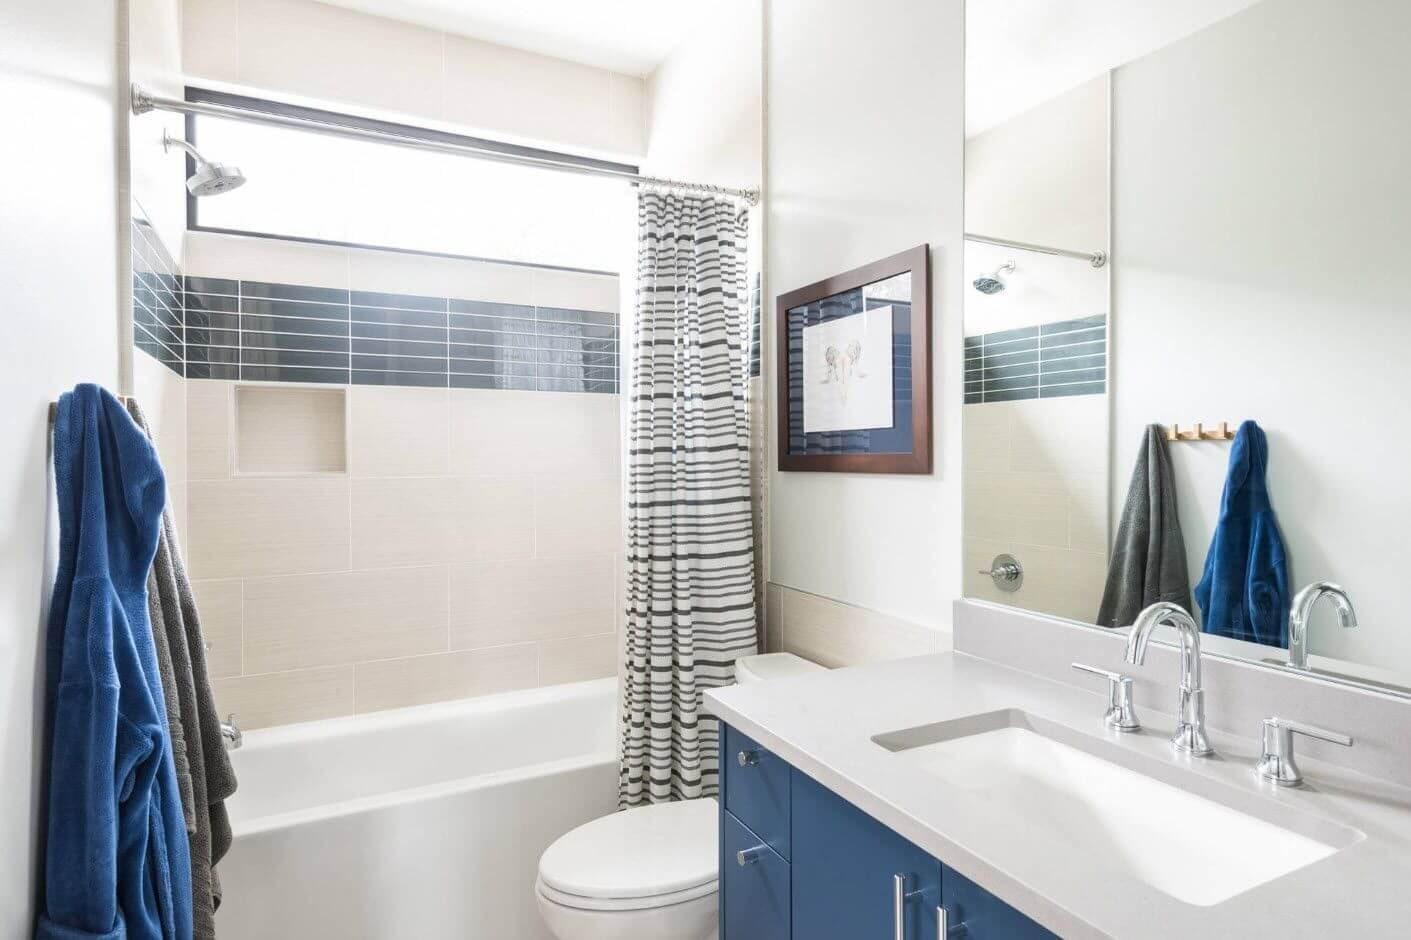 Создаем грамотный и простой дизайн ванной 5 кв м